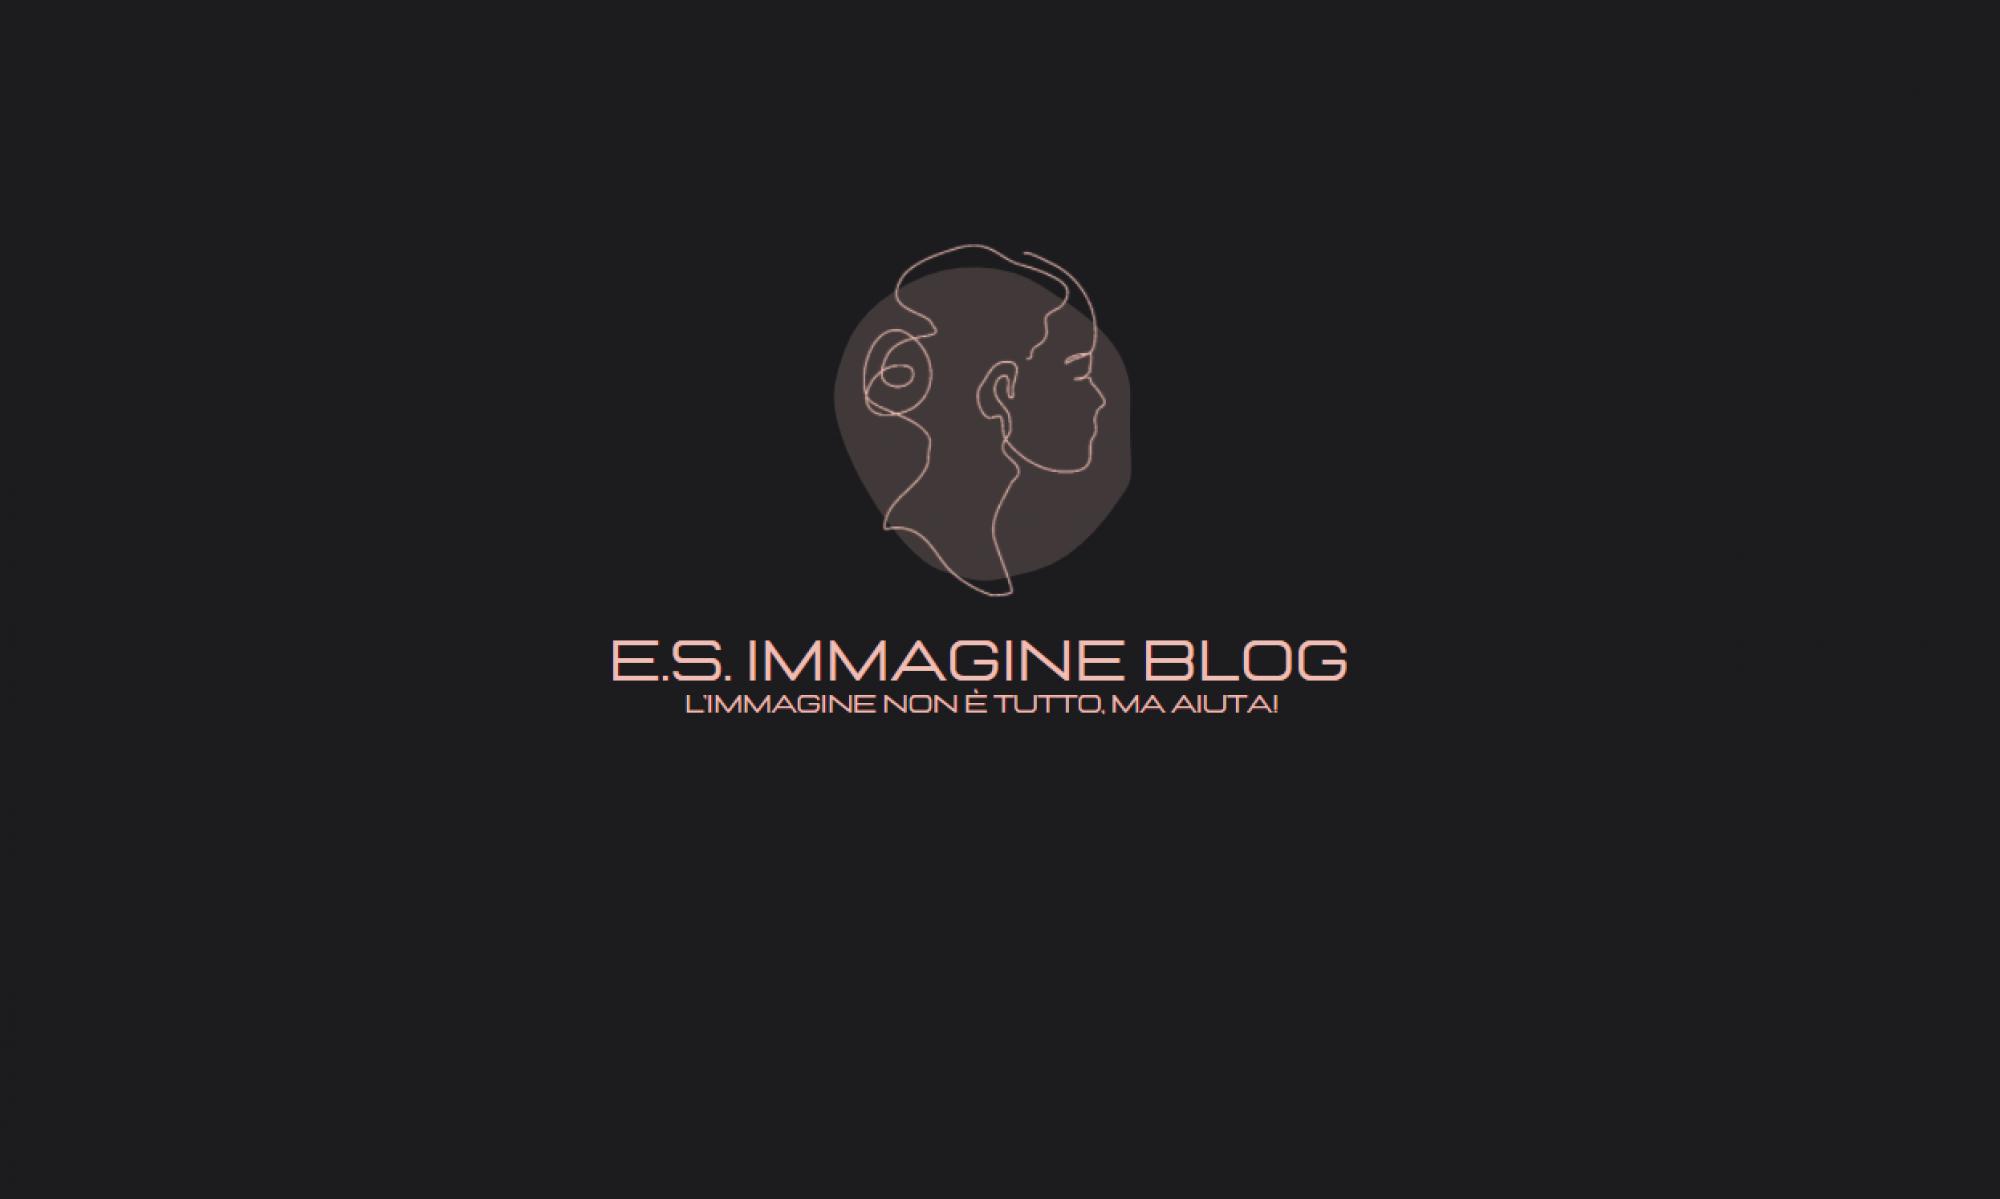 E.S. Immagine Blog